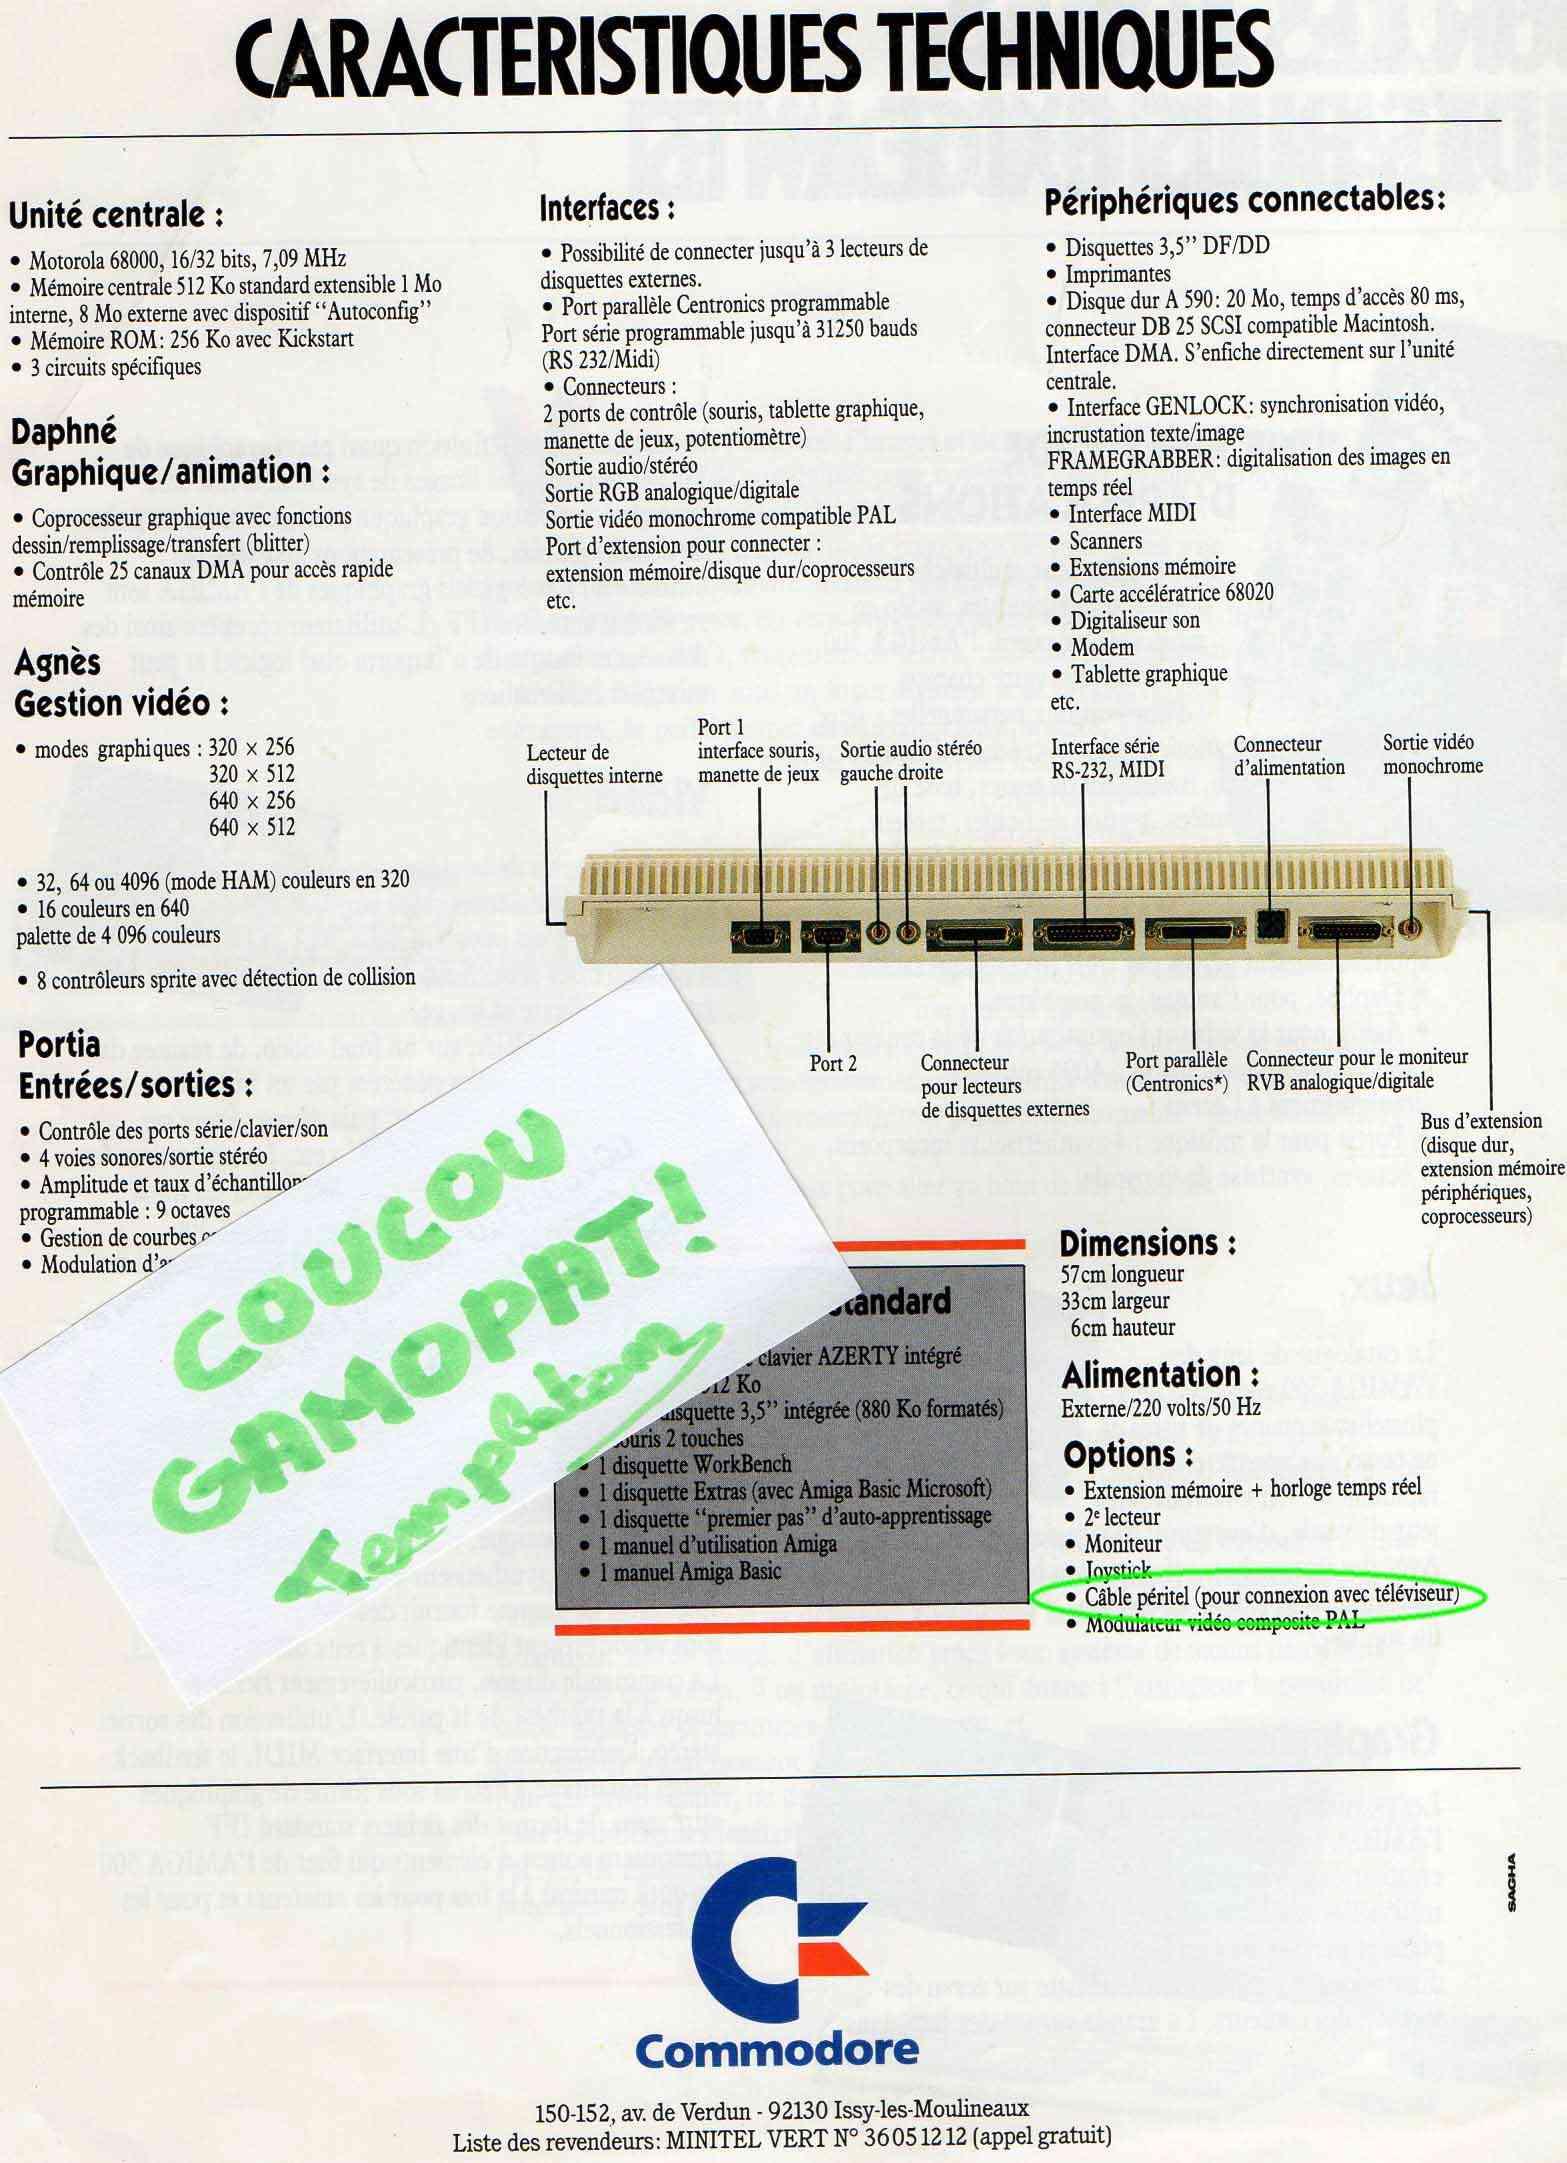 GUERRE ST-AMIGA, FIGHT ! (Mauvaise foi assurée) - Page 12 Flyer_10